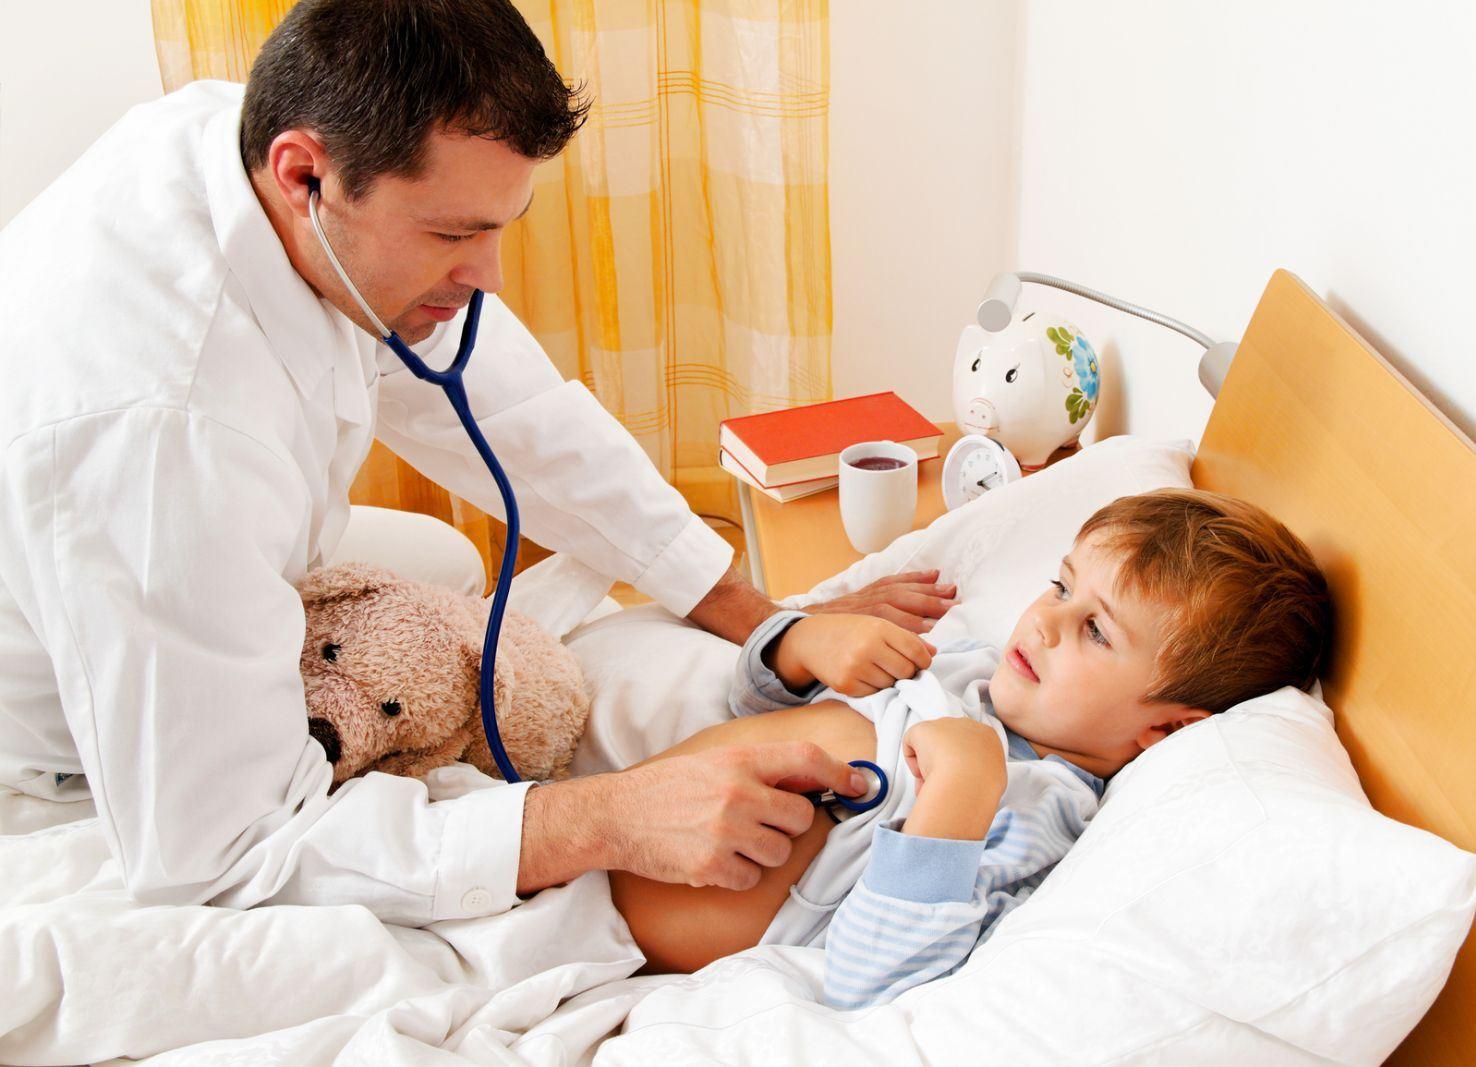 Реактивный панкреатит у детей: как лечить воспаление поджелудочной железы